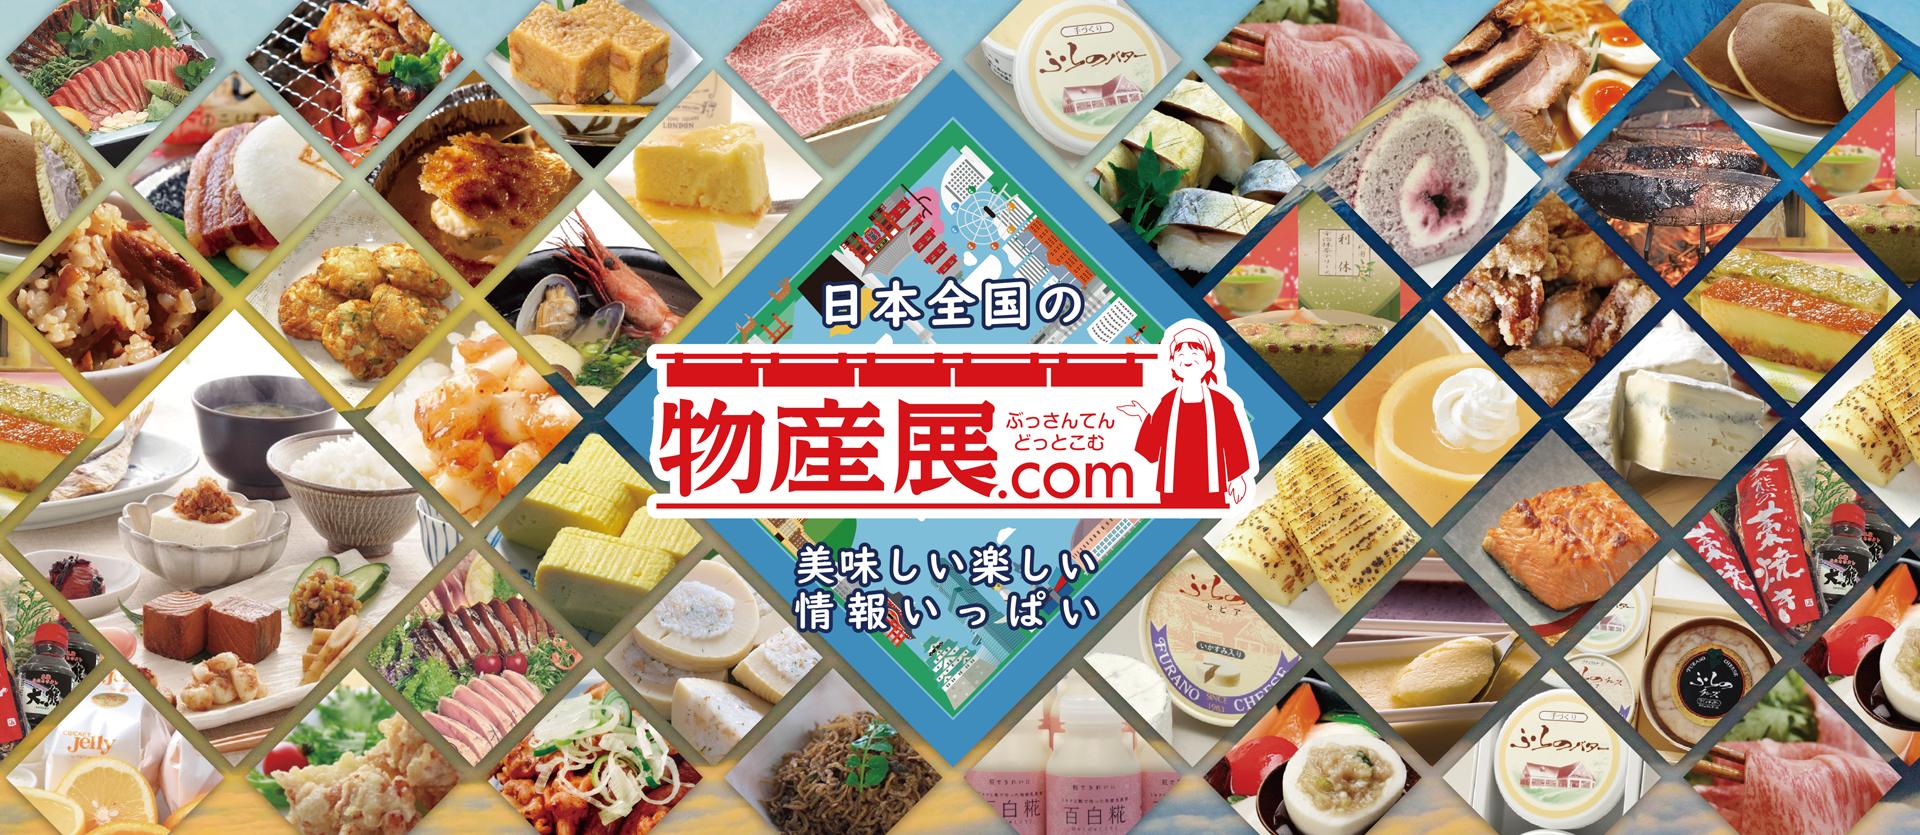 日本全国の物産展情報をお届けする「物産展.com」は美味しい楽しい物産 ...